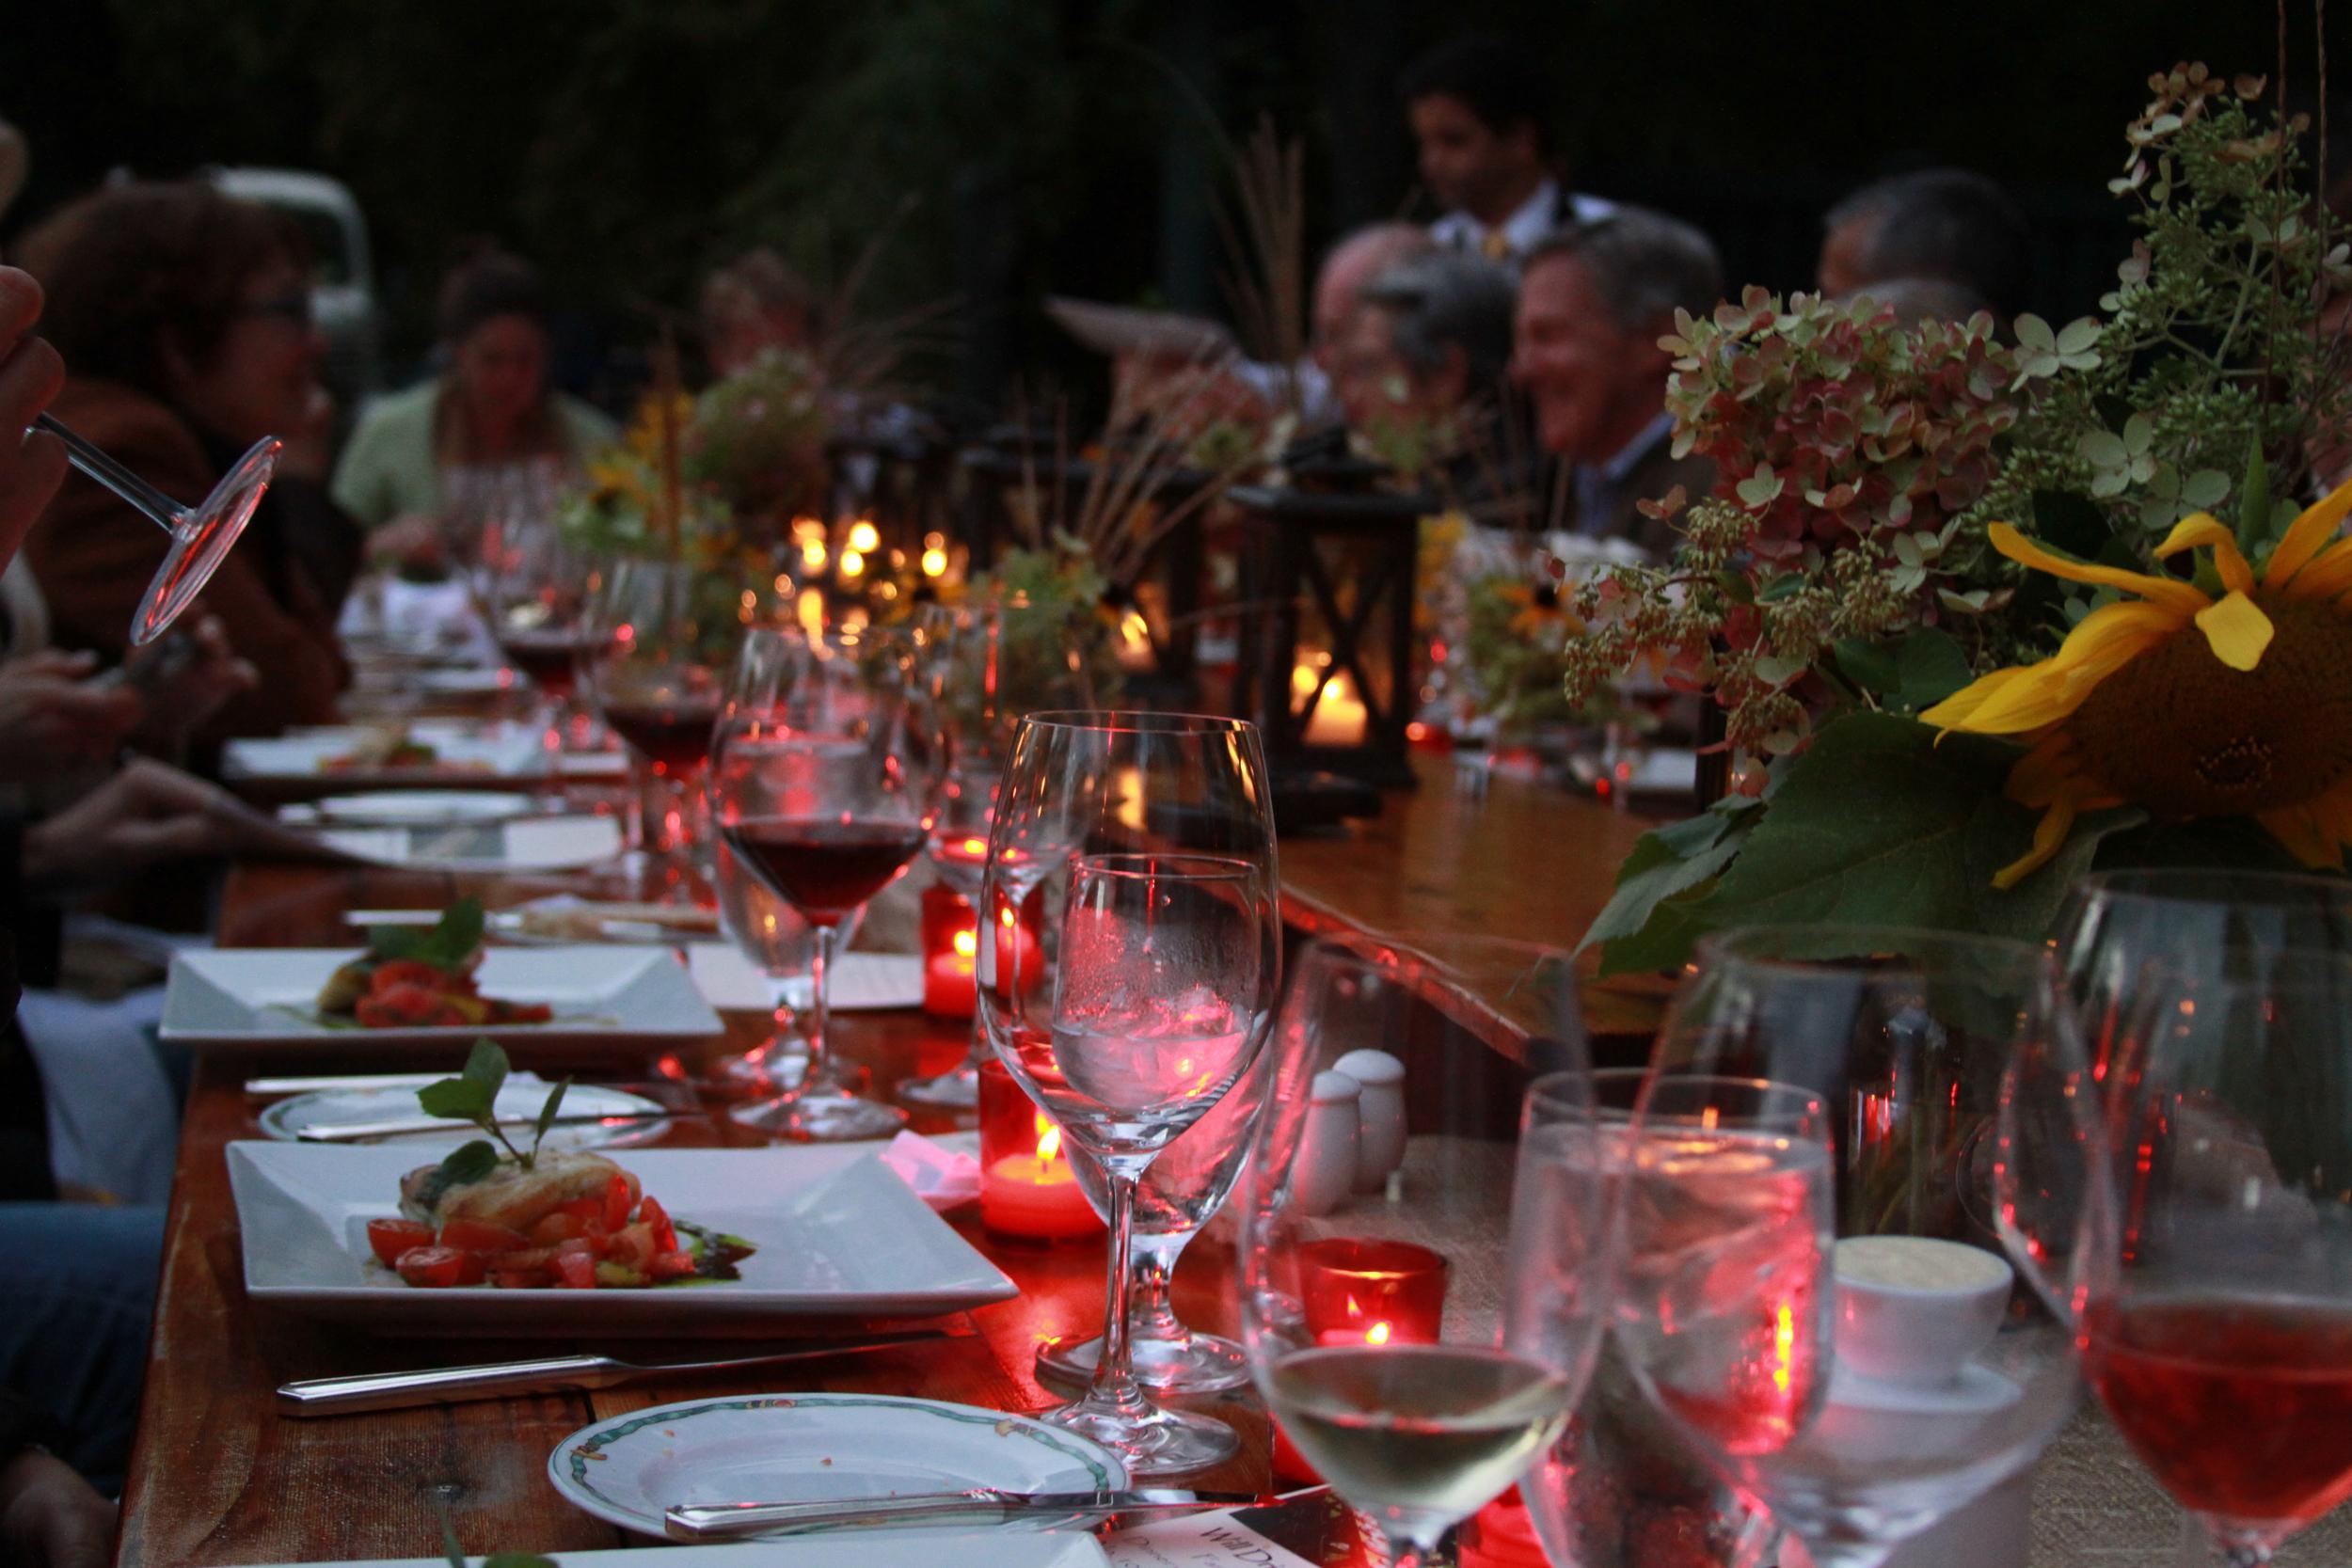 Farm to table dinner 093.JPG